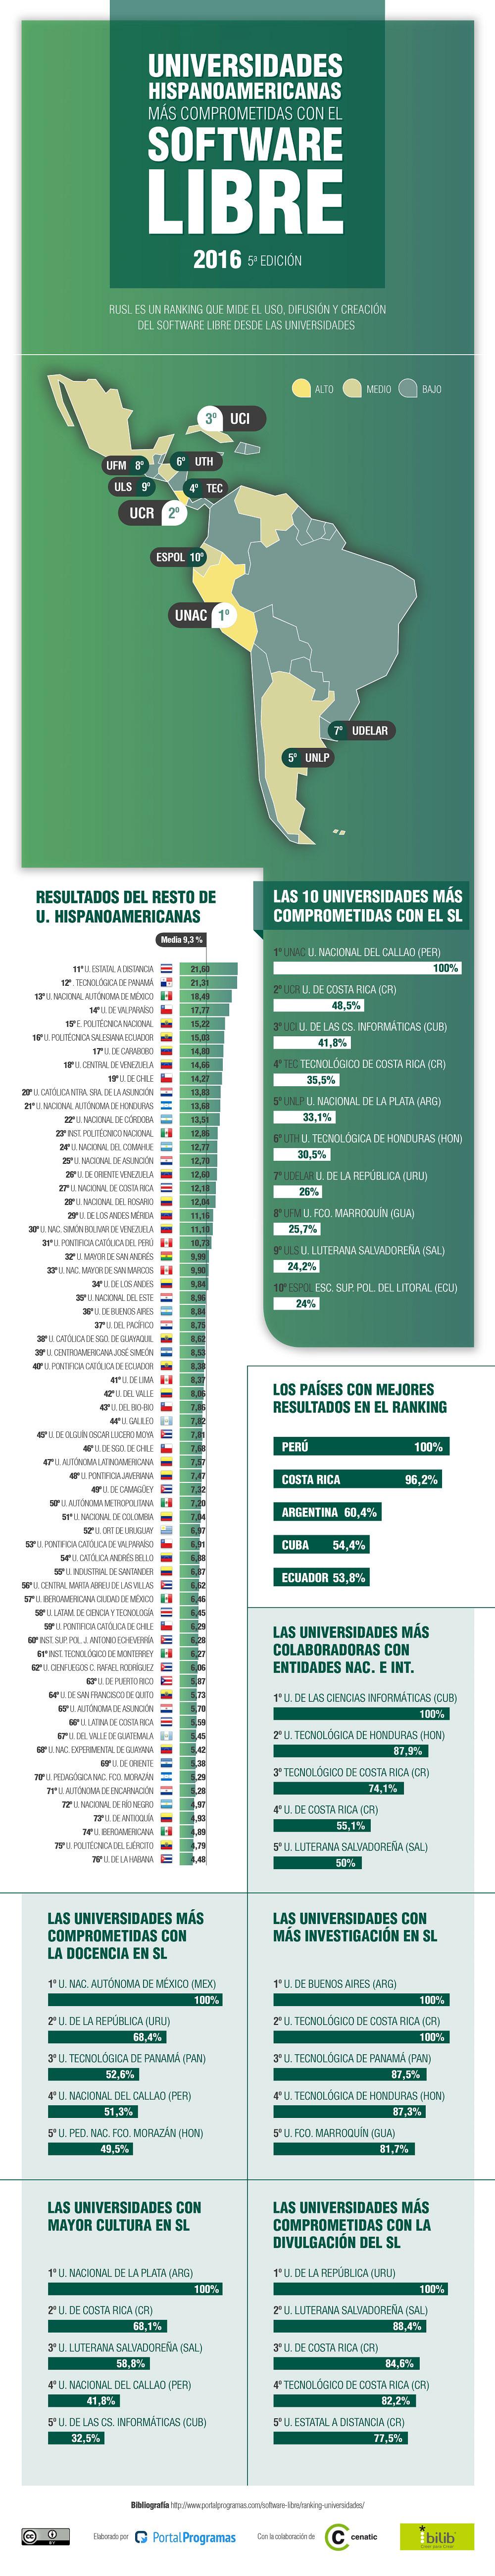 Las universidades hispanoamericanas que más apoyan el software libre en 2016 - Infografía